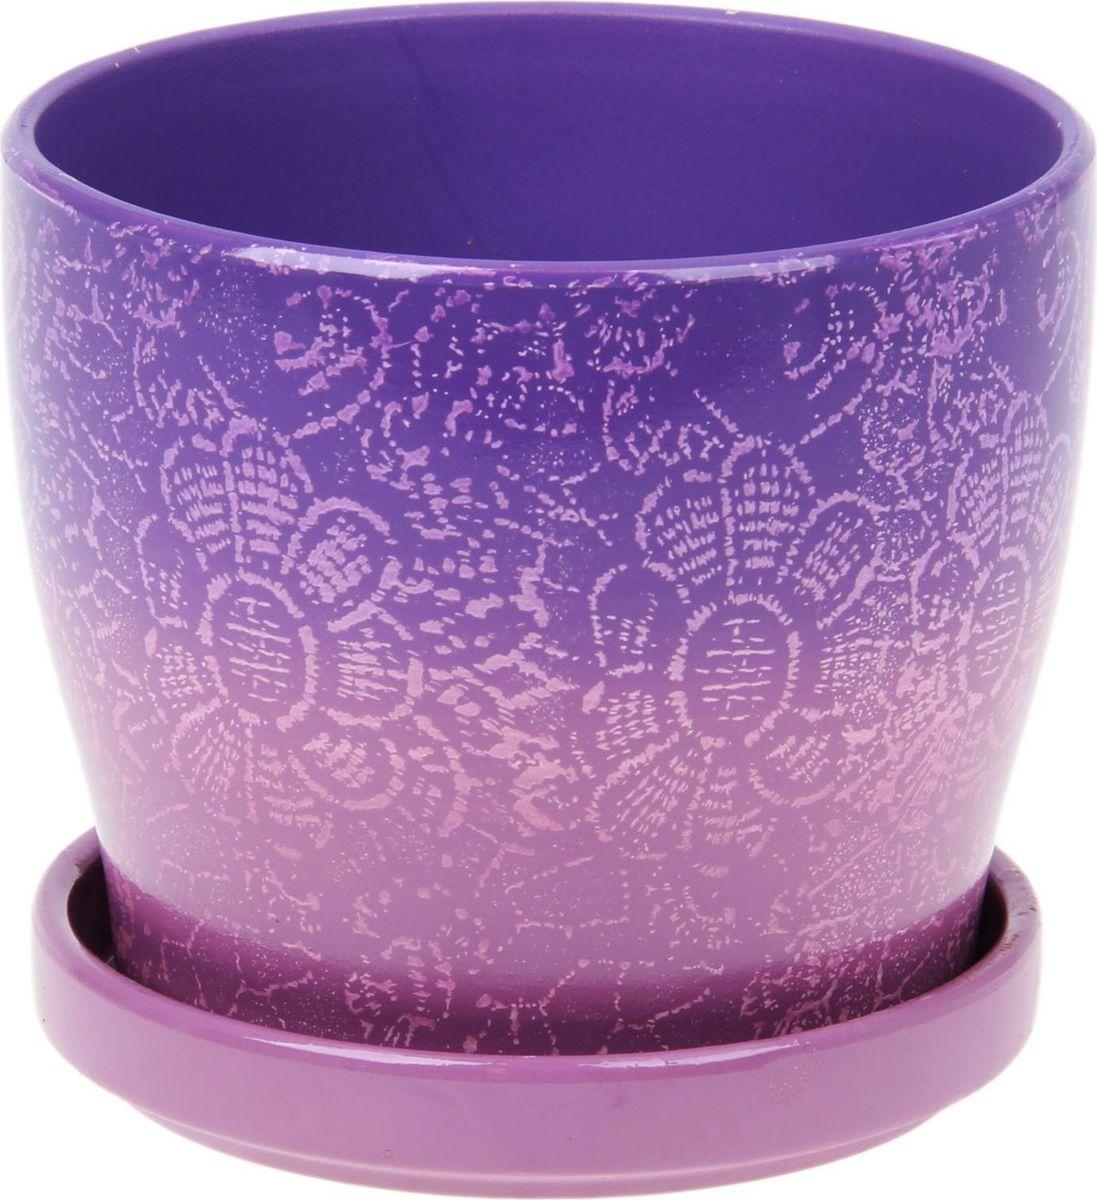 Кашпо Цветочное кружево, цвет: фиолетовый, 1,24 л1056018Комнатные растения — всеобщие любимцы. Они радуют глаз, насыщают помещение кислородом и украшают пространство. Каждому из них необходим свой удобный и красивый дом. Кашпо из керамики прекрасно подходят для высадки растений: за счёт пластичности глины и разных способов обработки существует великое множество форм и дизайновпористый материал позволяет испаряться лишней влагевоздух, необходимый для дыхания корней, проникает сквозь керамические стенки! #name# позаботится о зелёном питомце, освежит интерьер и подчеркнёт его стиль.